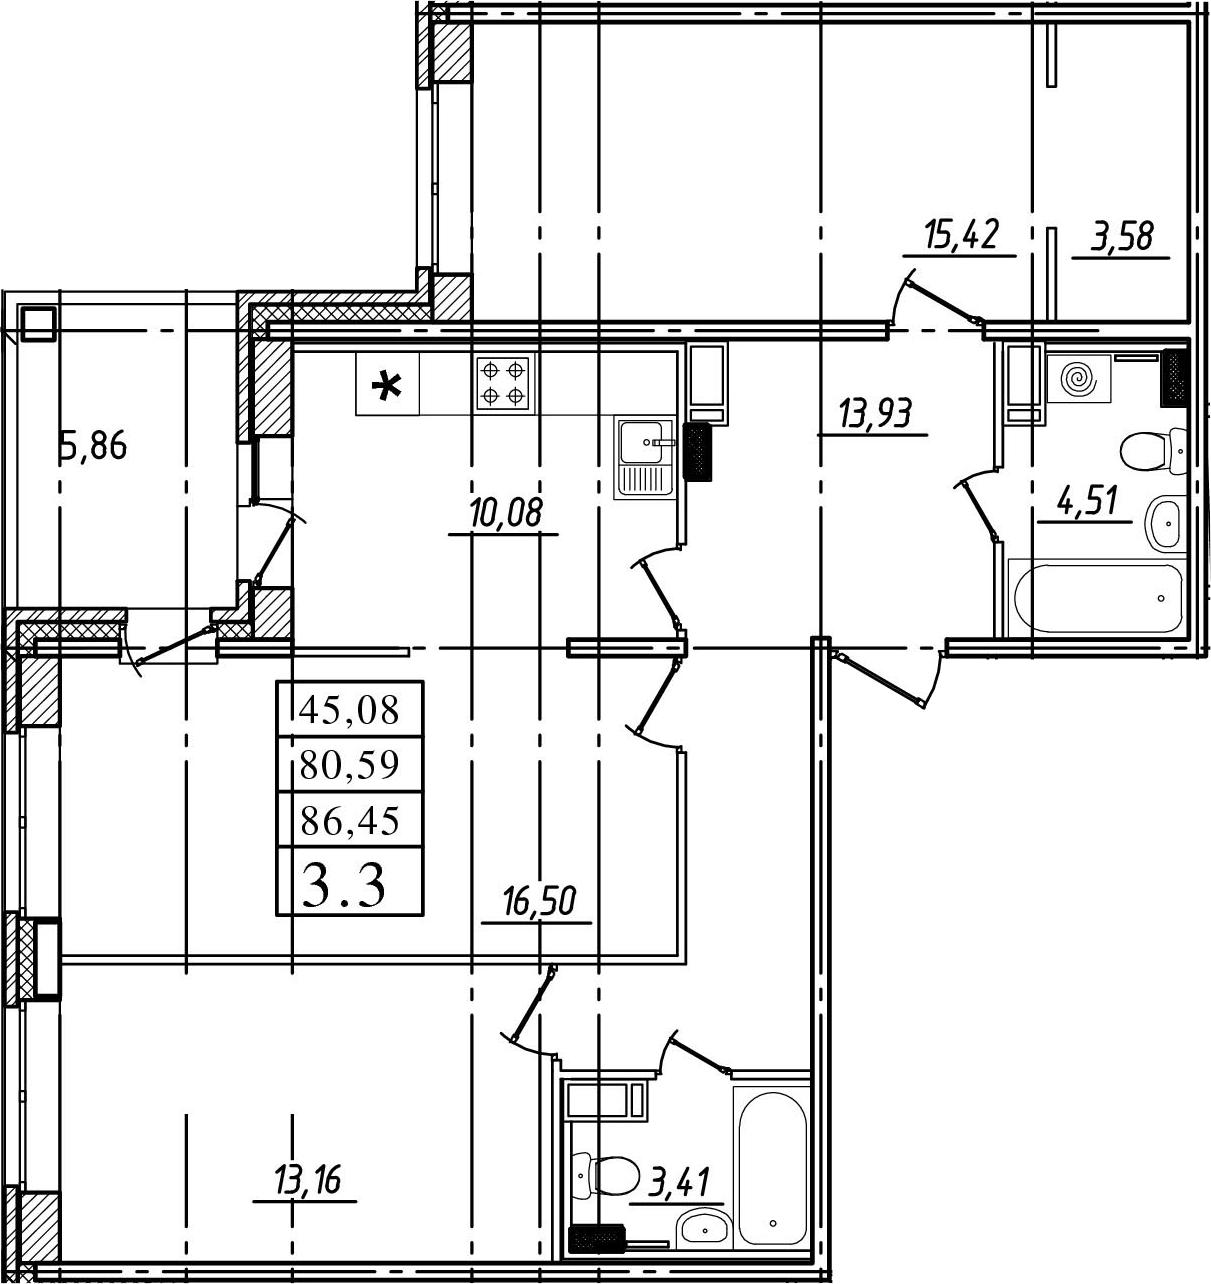 3-комнатная, 80.59 м²– 2